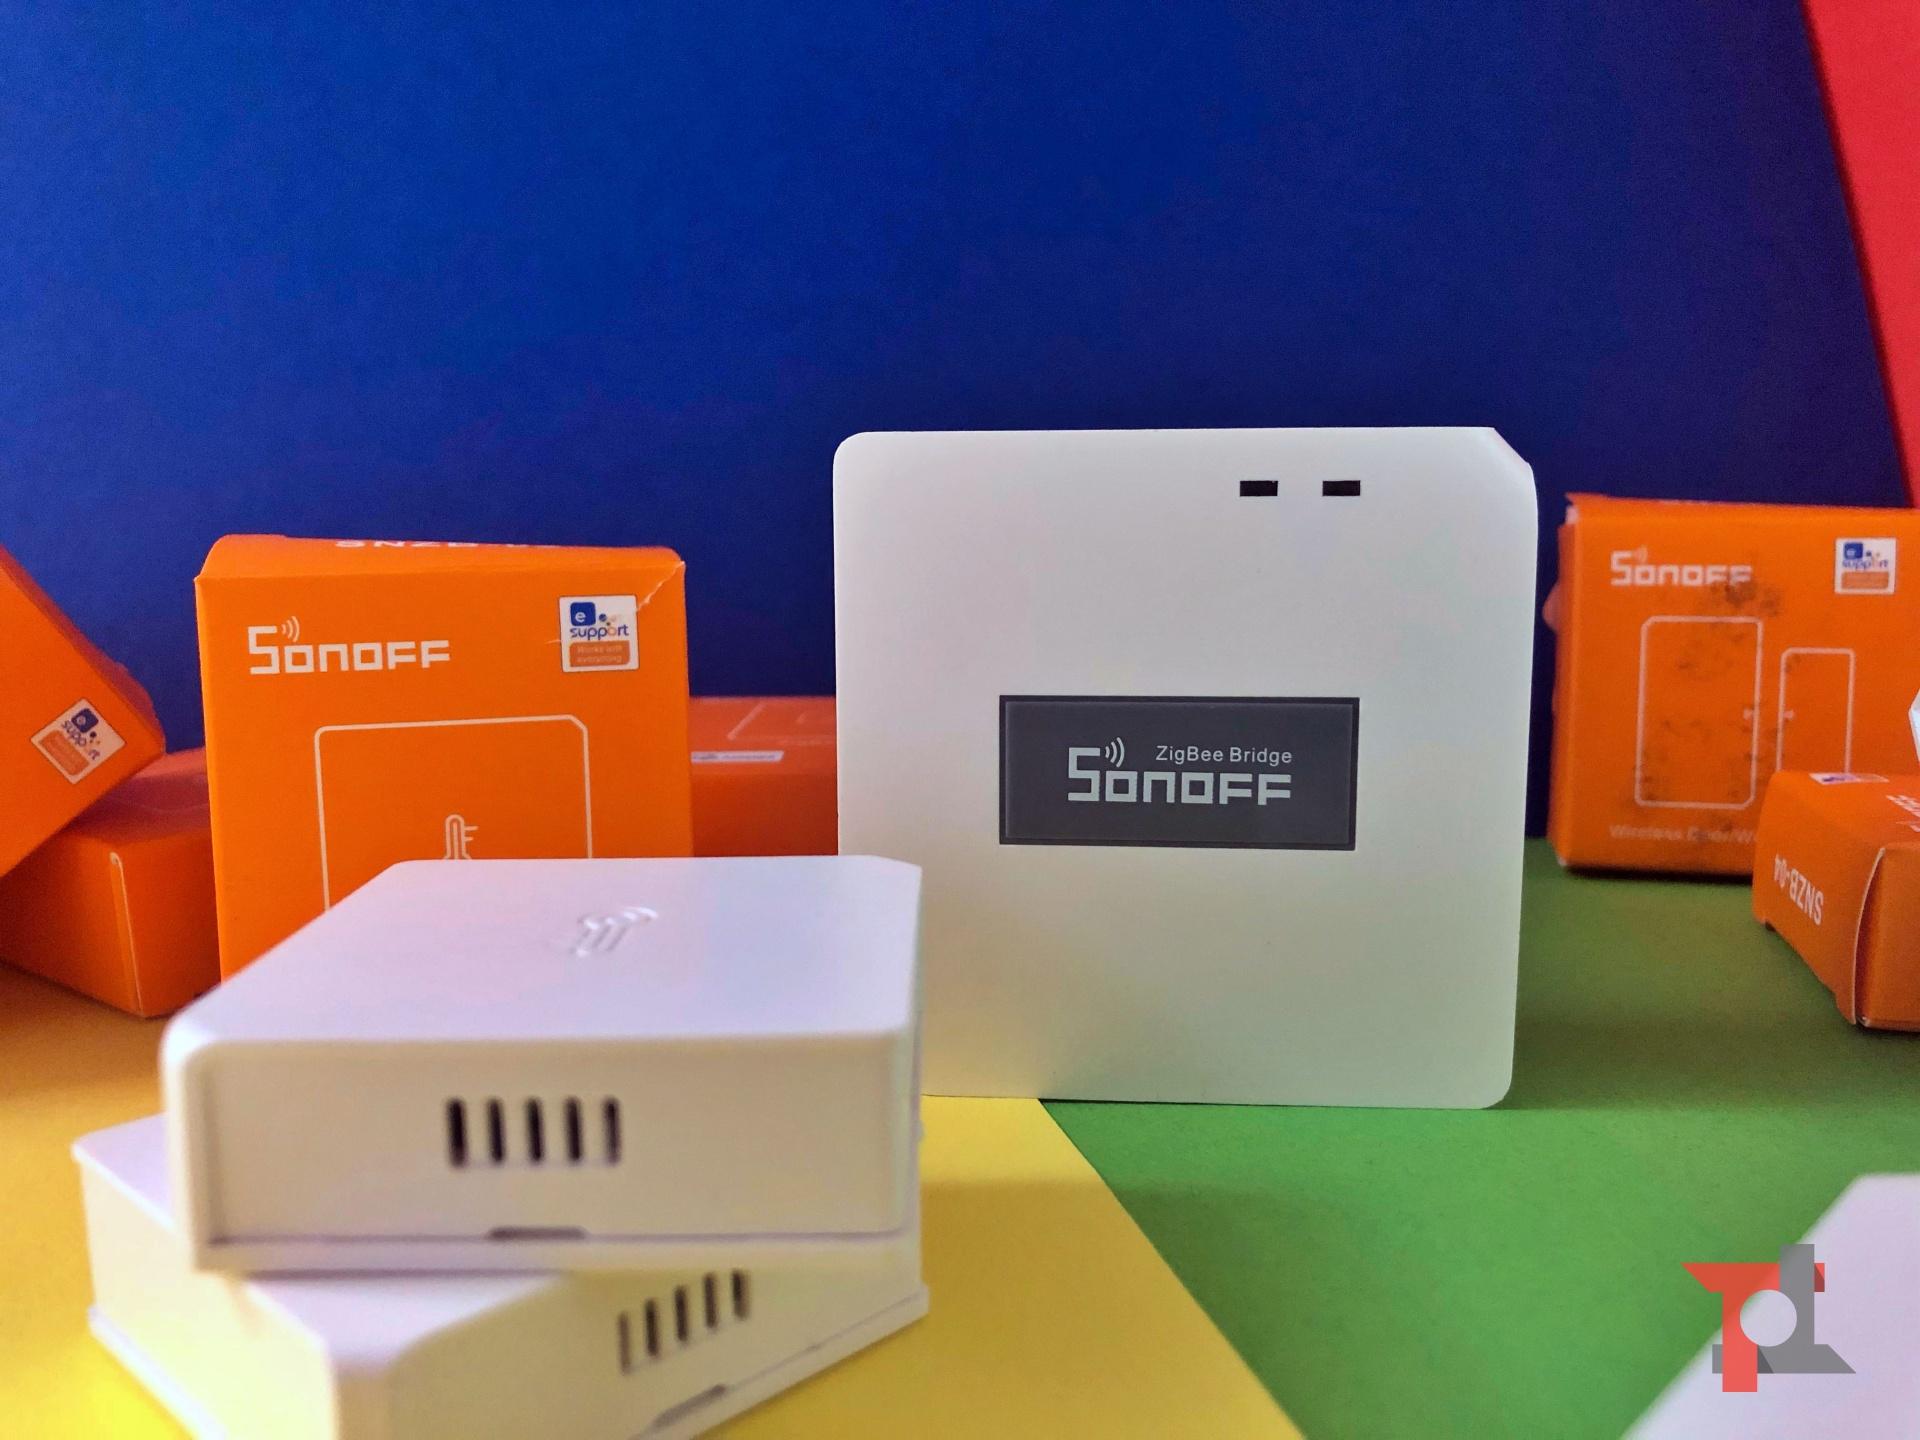 Abbiamo provato i prodotti SONOFF Zigbee per la smart home: ecco le nostre impressioni 1